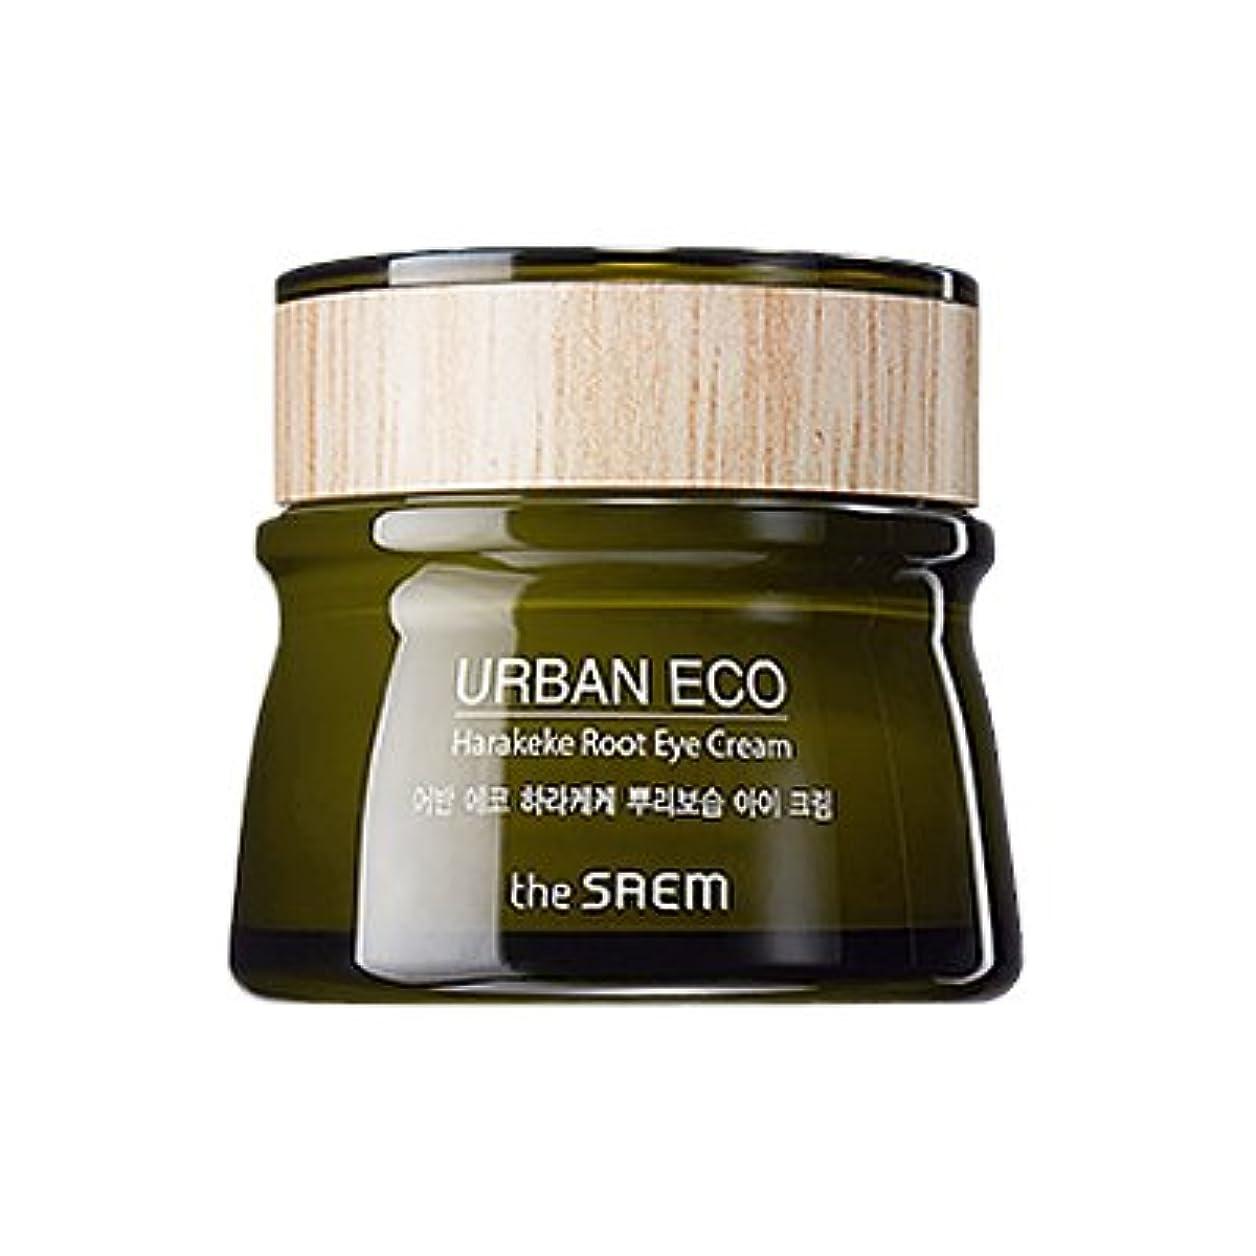 曲線原稿展望台The SAEM Urban Eco Harakeke Root Eye Creamザセムアーバンエコハラケケ根保湿アイクリーム [並行輸入品]